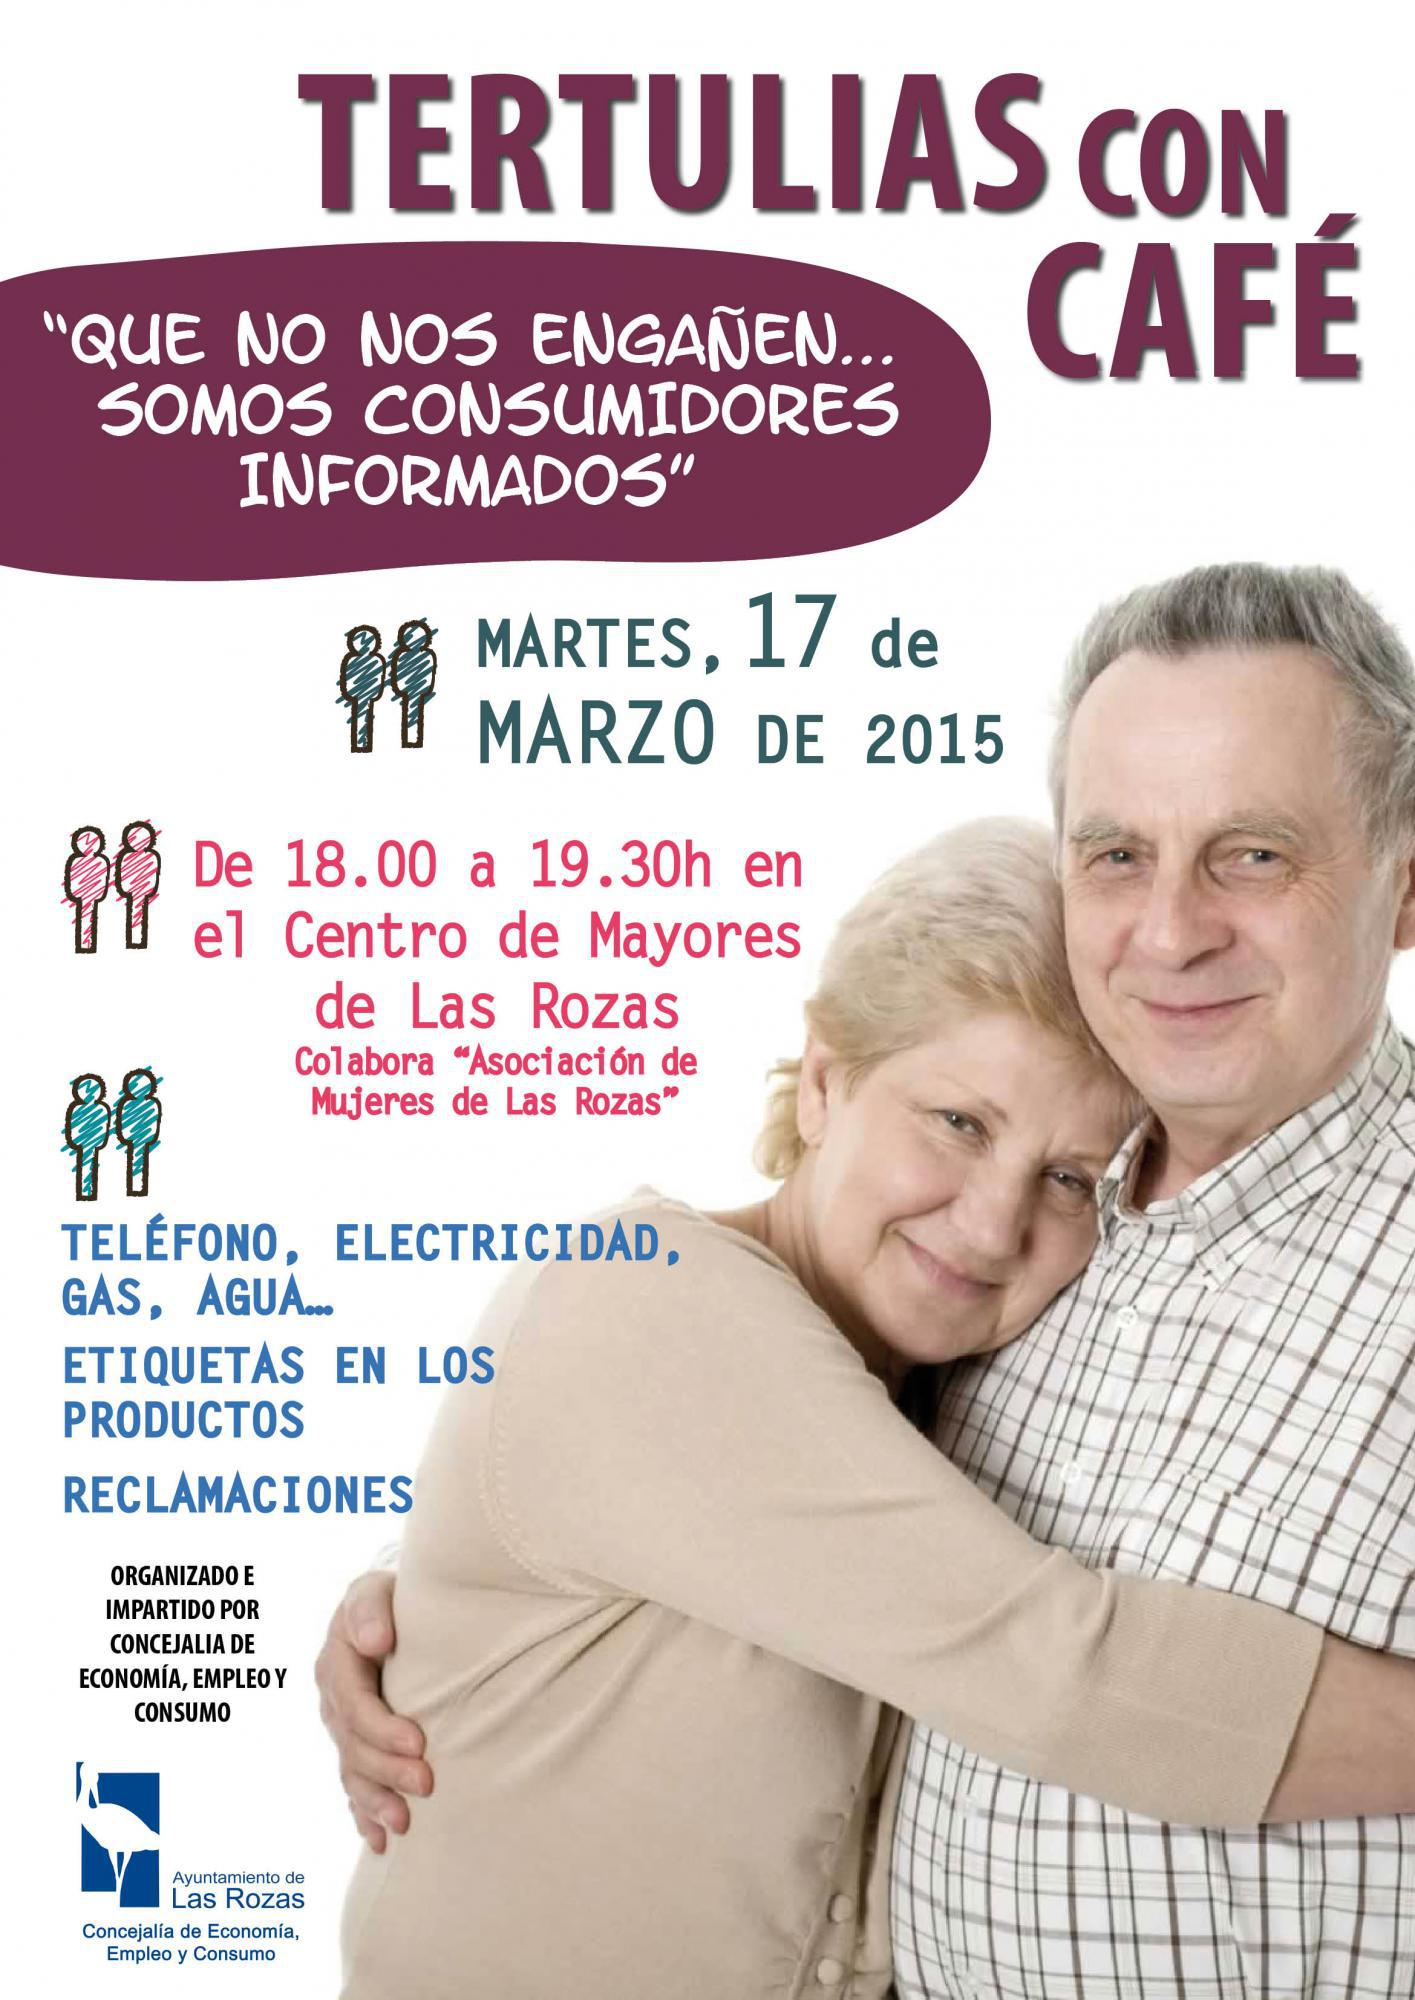 Tertulias con café, para celebrar en Las Rozas el Día Mundial de los Derechos del Consumidor